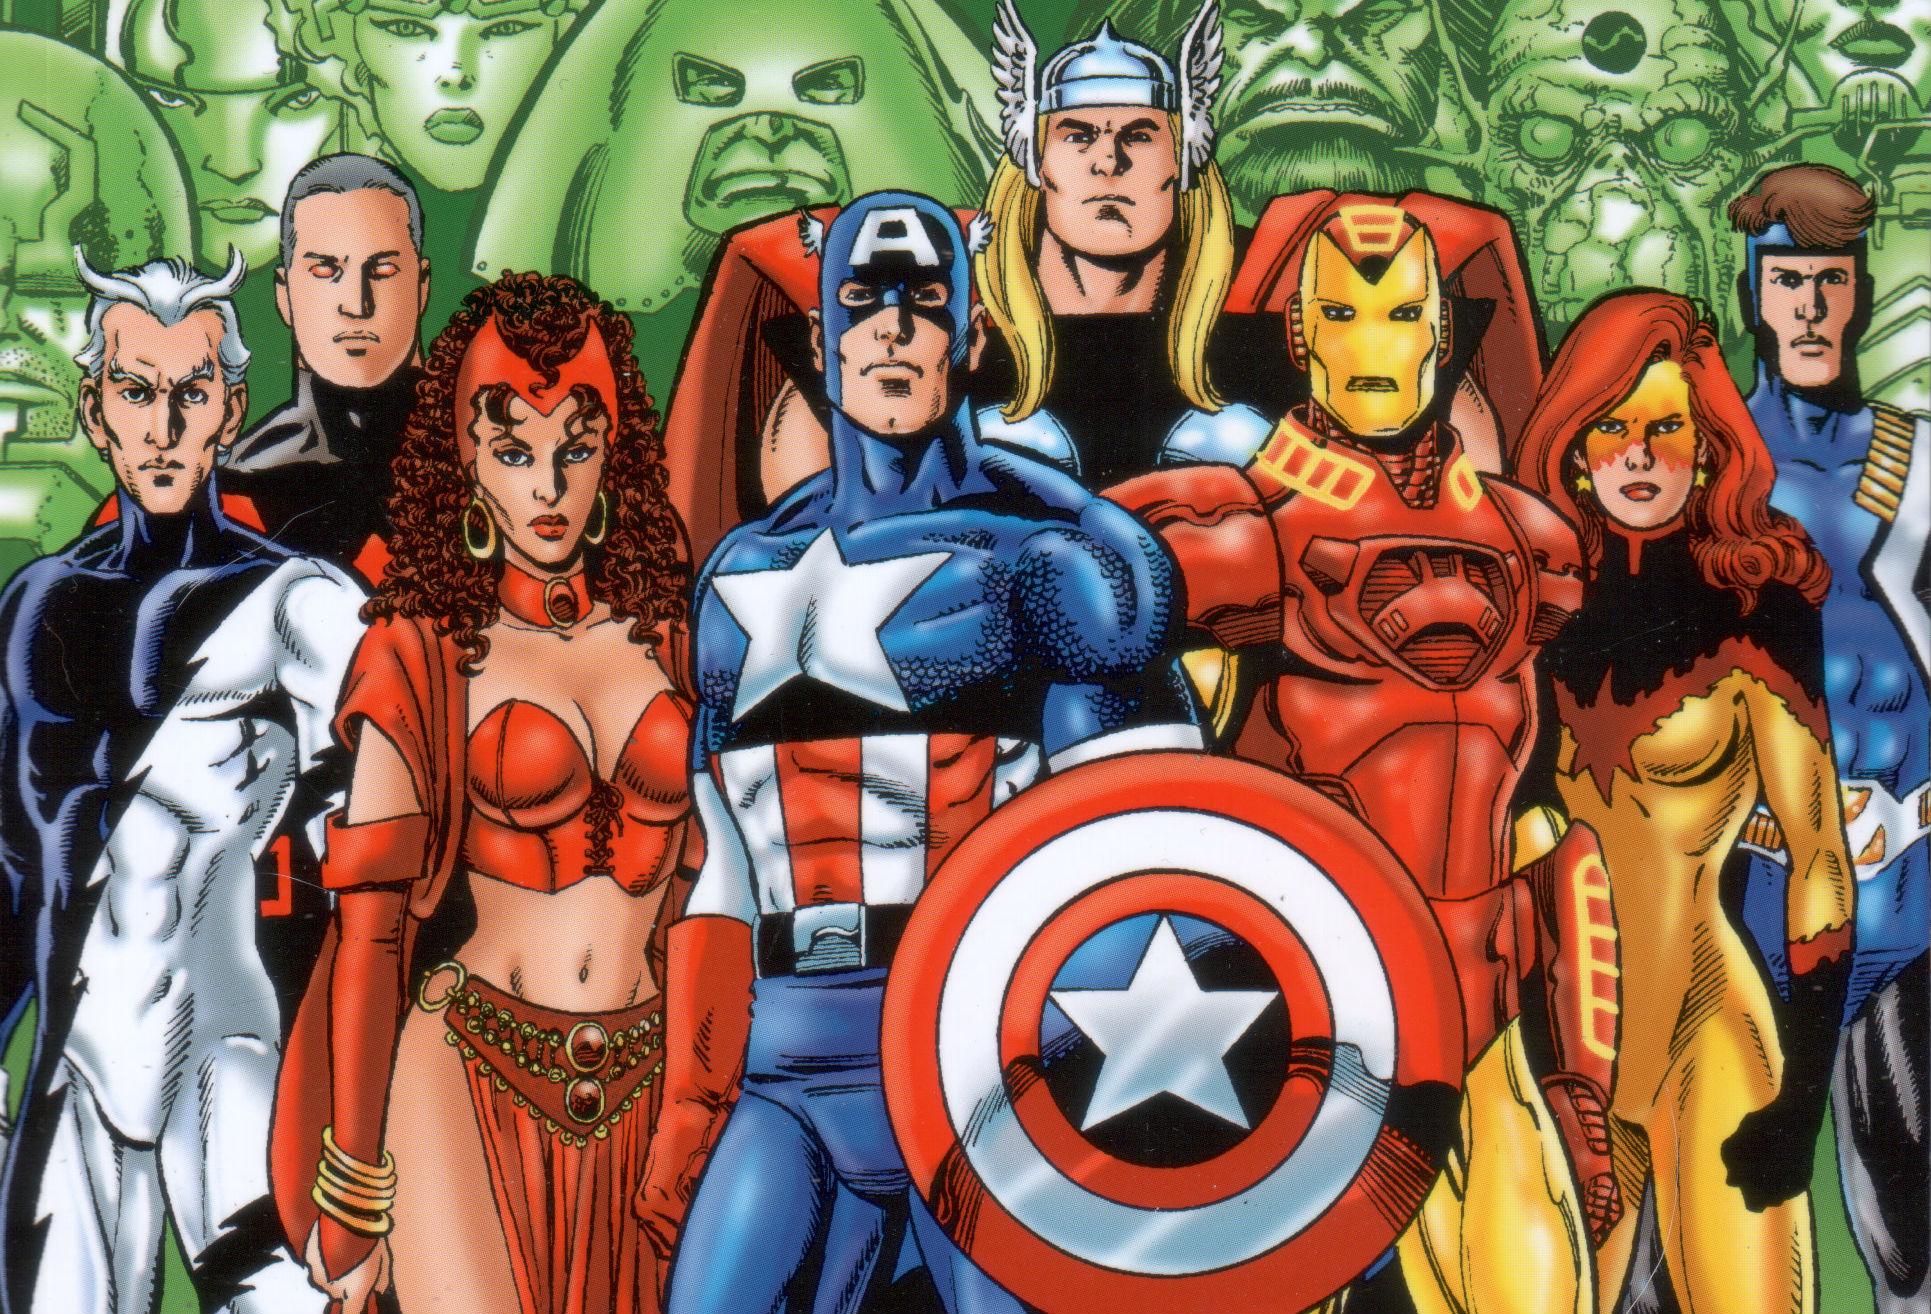 Avengers superhero marvel wallpaper 1931x1314 138205 - Avengers superhero wallpaper ...